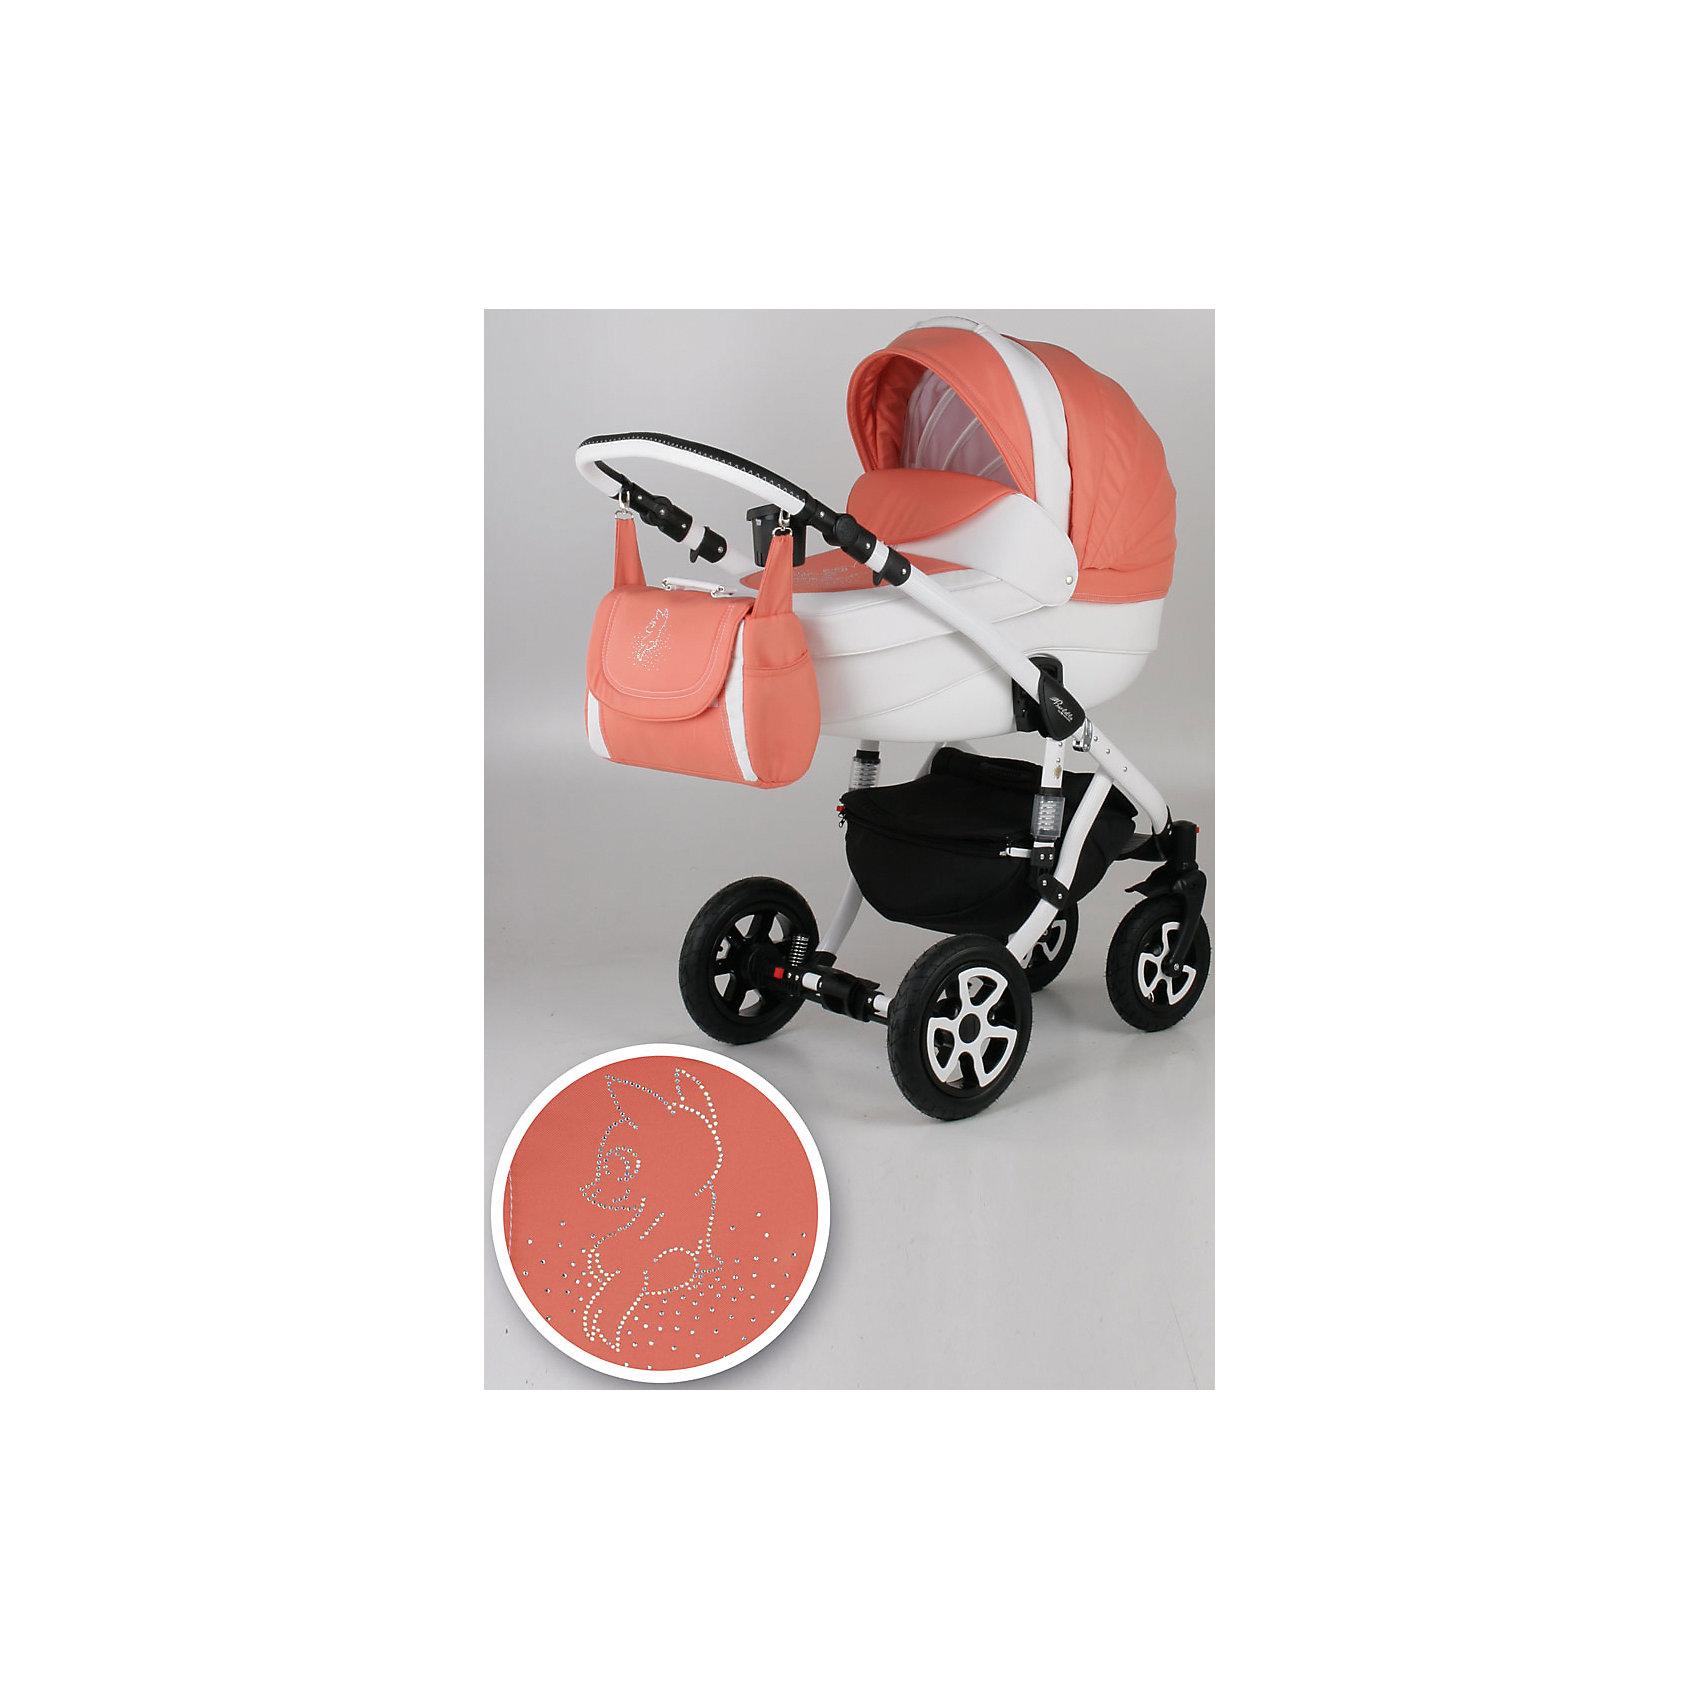 Коляска 2 в 1 Barletta, Adamex, Лисёнок белый/оранжевый